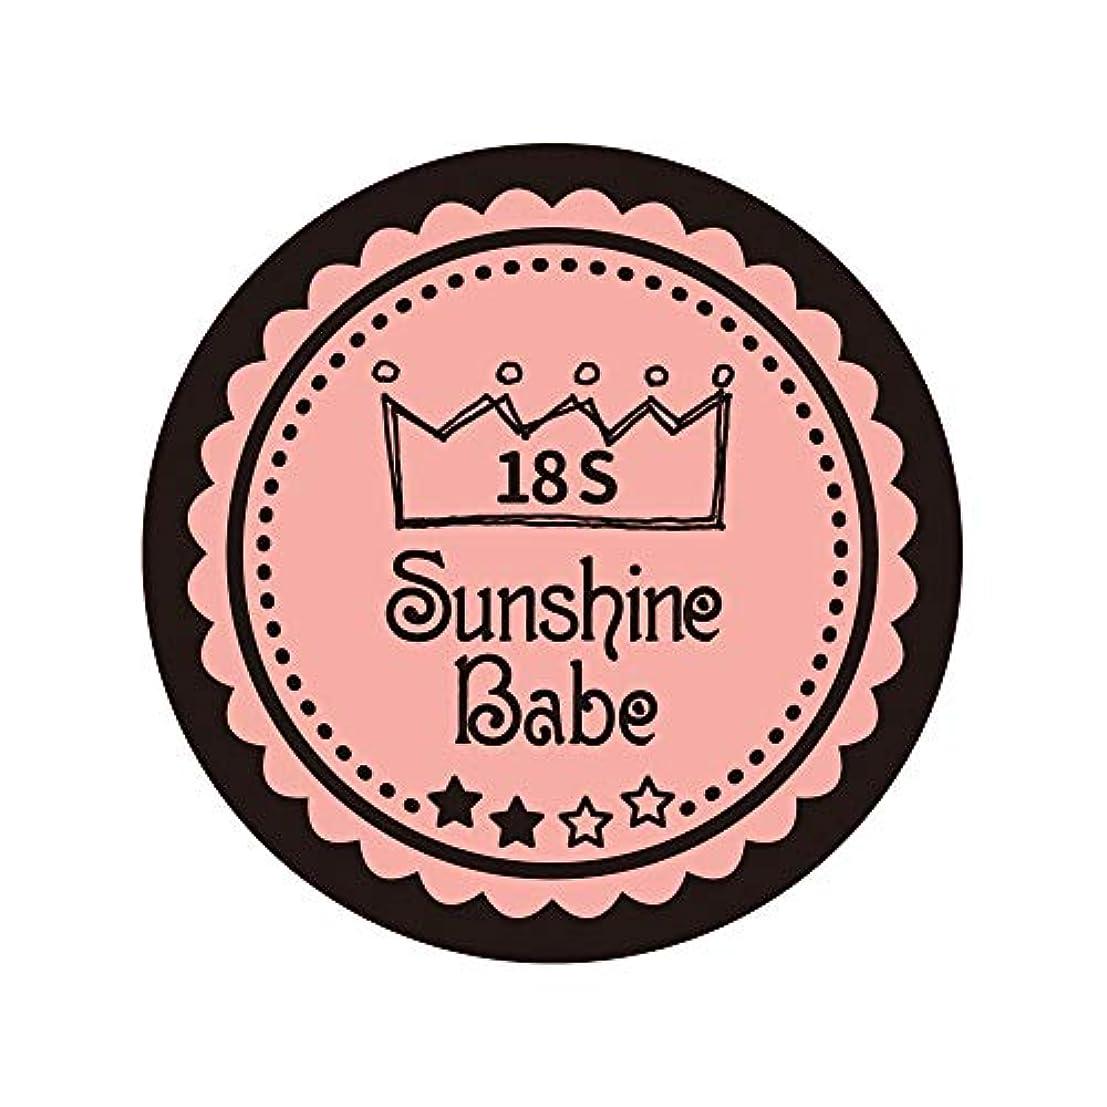 飲み込む服を洗う露Sunshine Babe カラージェル 18S ロマンティックベリー 2.7g UV/LED対応